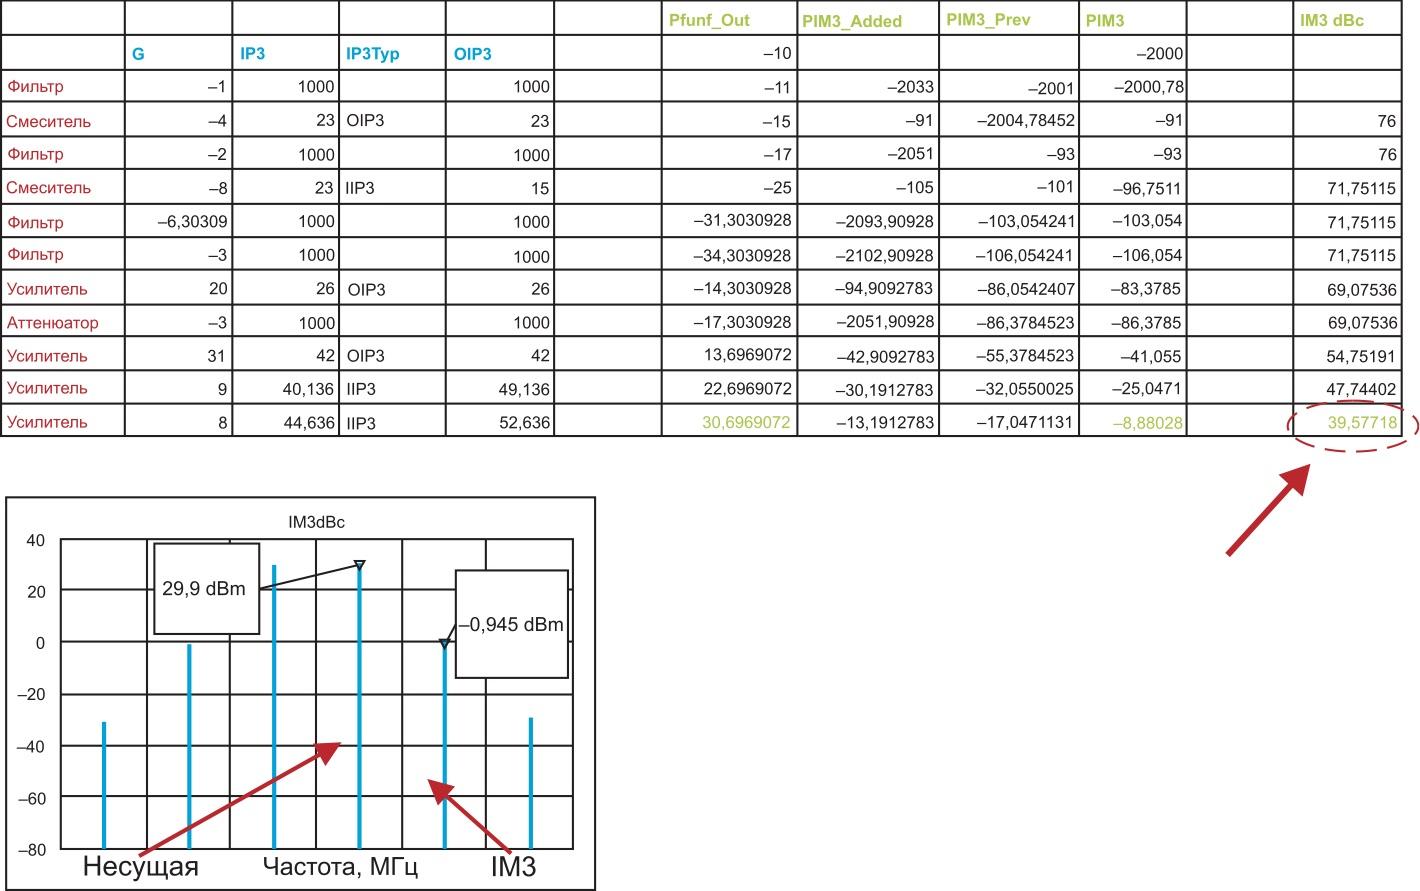 Сравнение табличного расчета IM3 и результатов, полученных в VSS